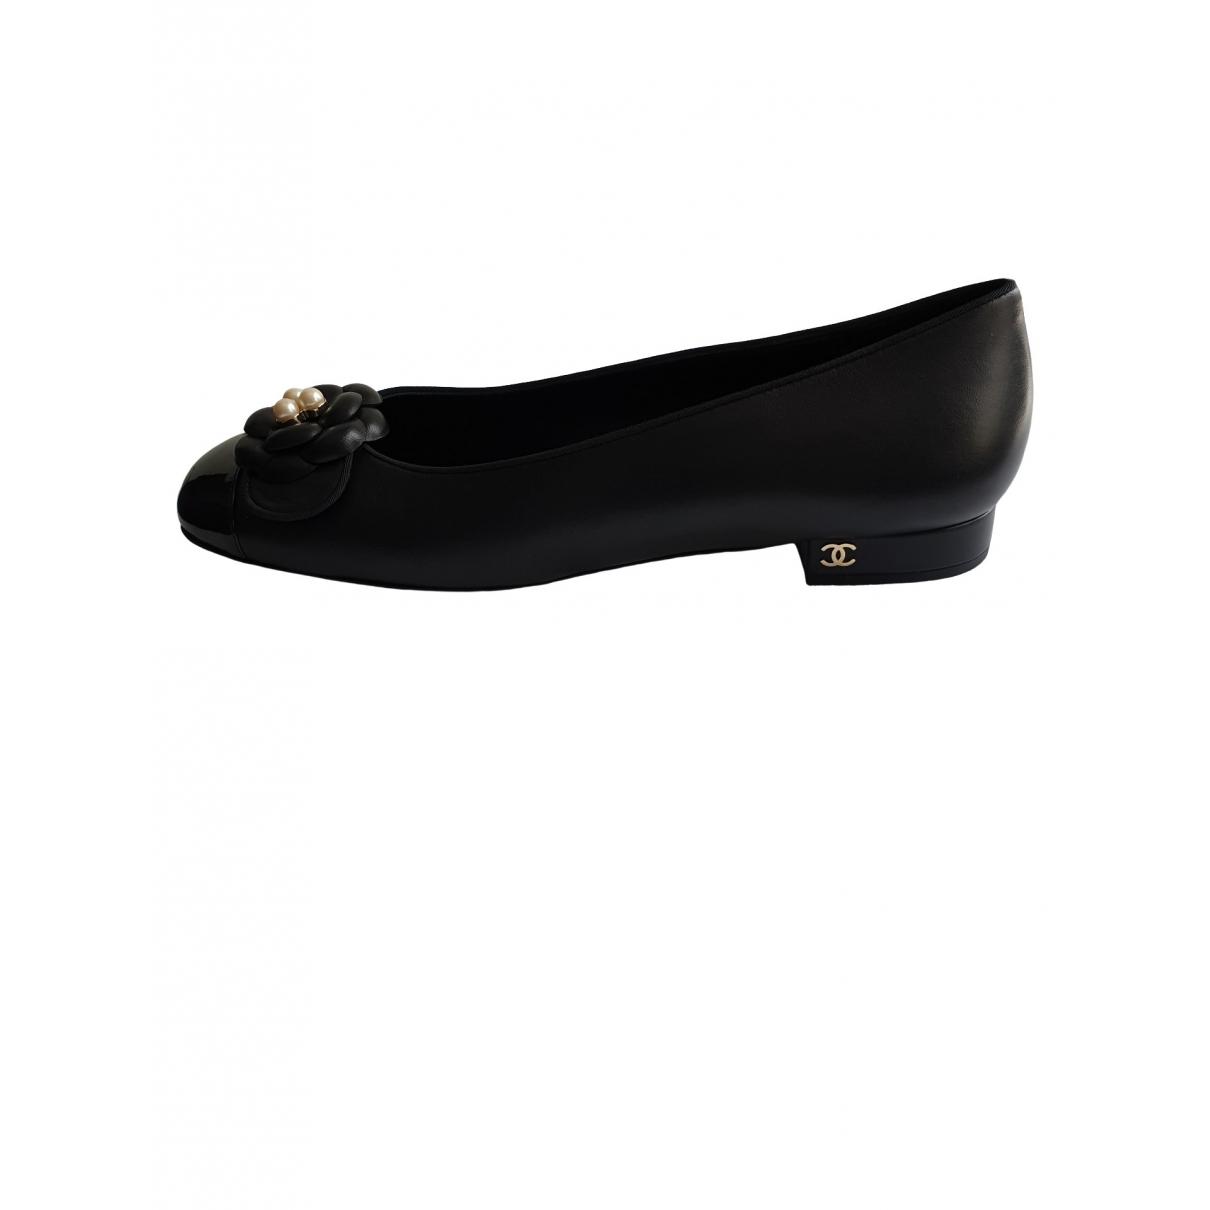 Chanel - Ballerines   pour femme en cuir - noir